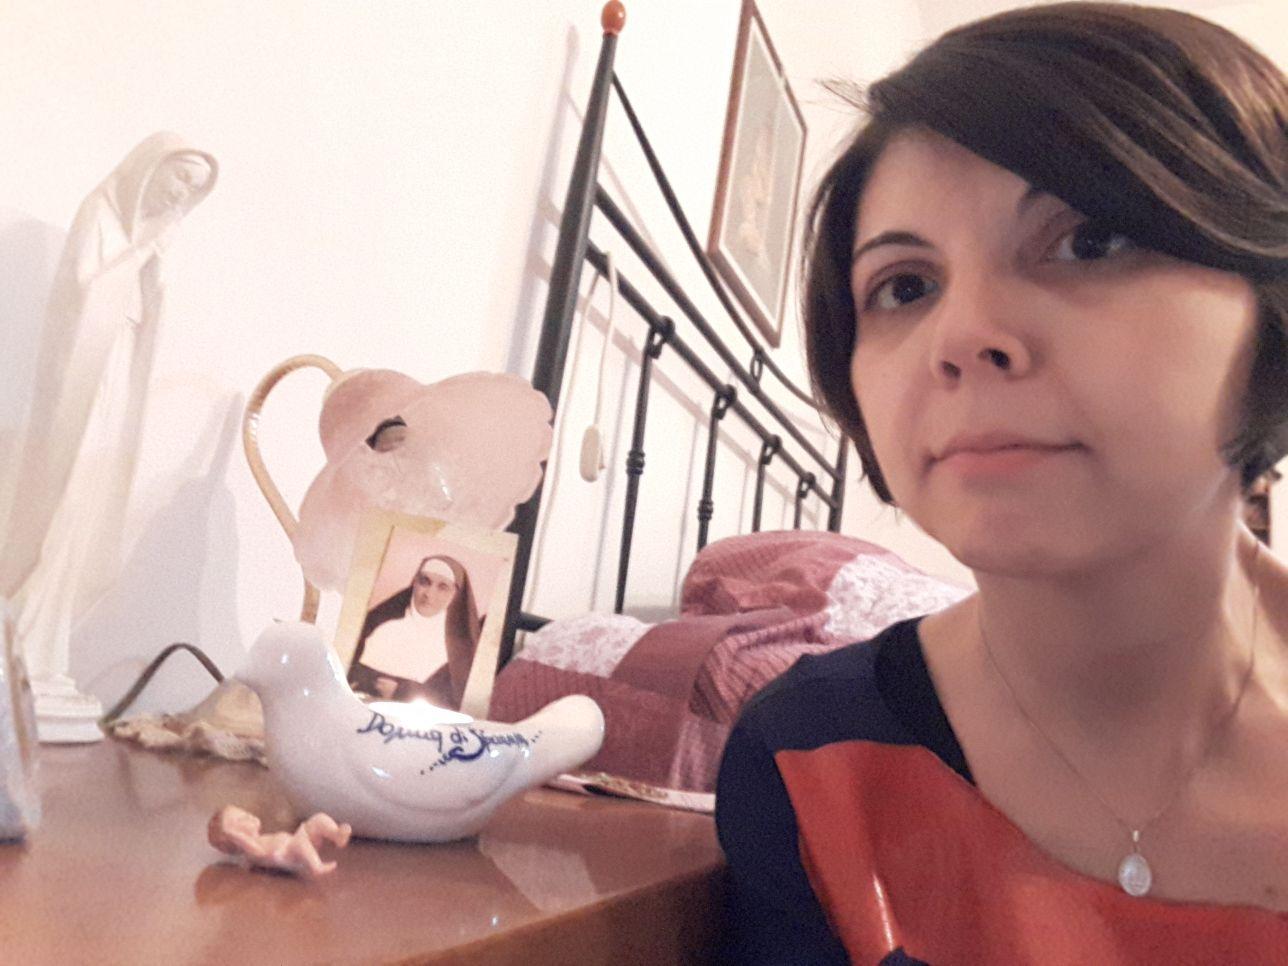 Lampada di Madre Chiara Ricci a Carpi